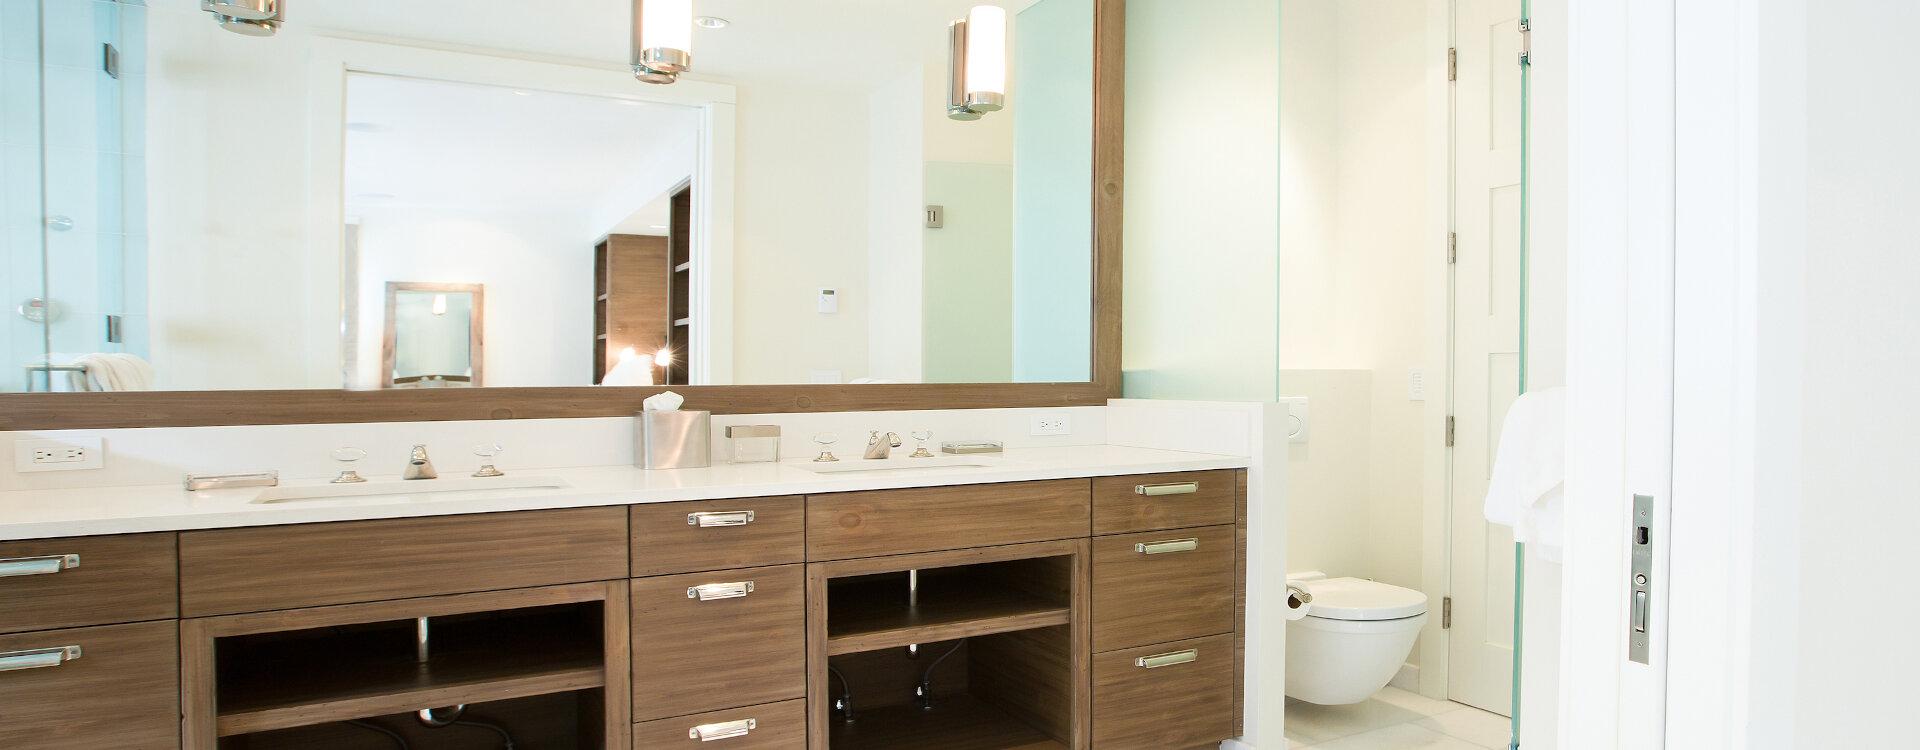 16-Telluride-Meribel-Penthouse-Master-Bathroom-web